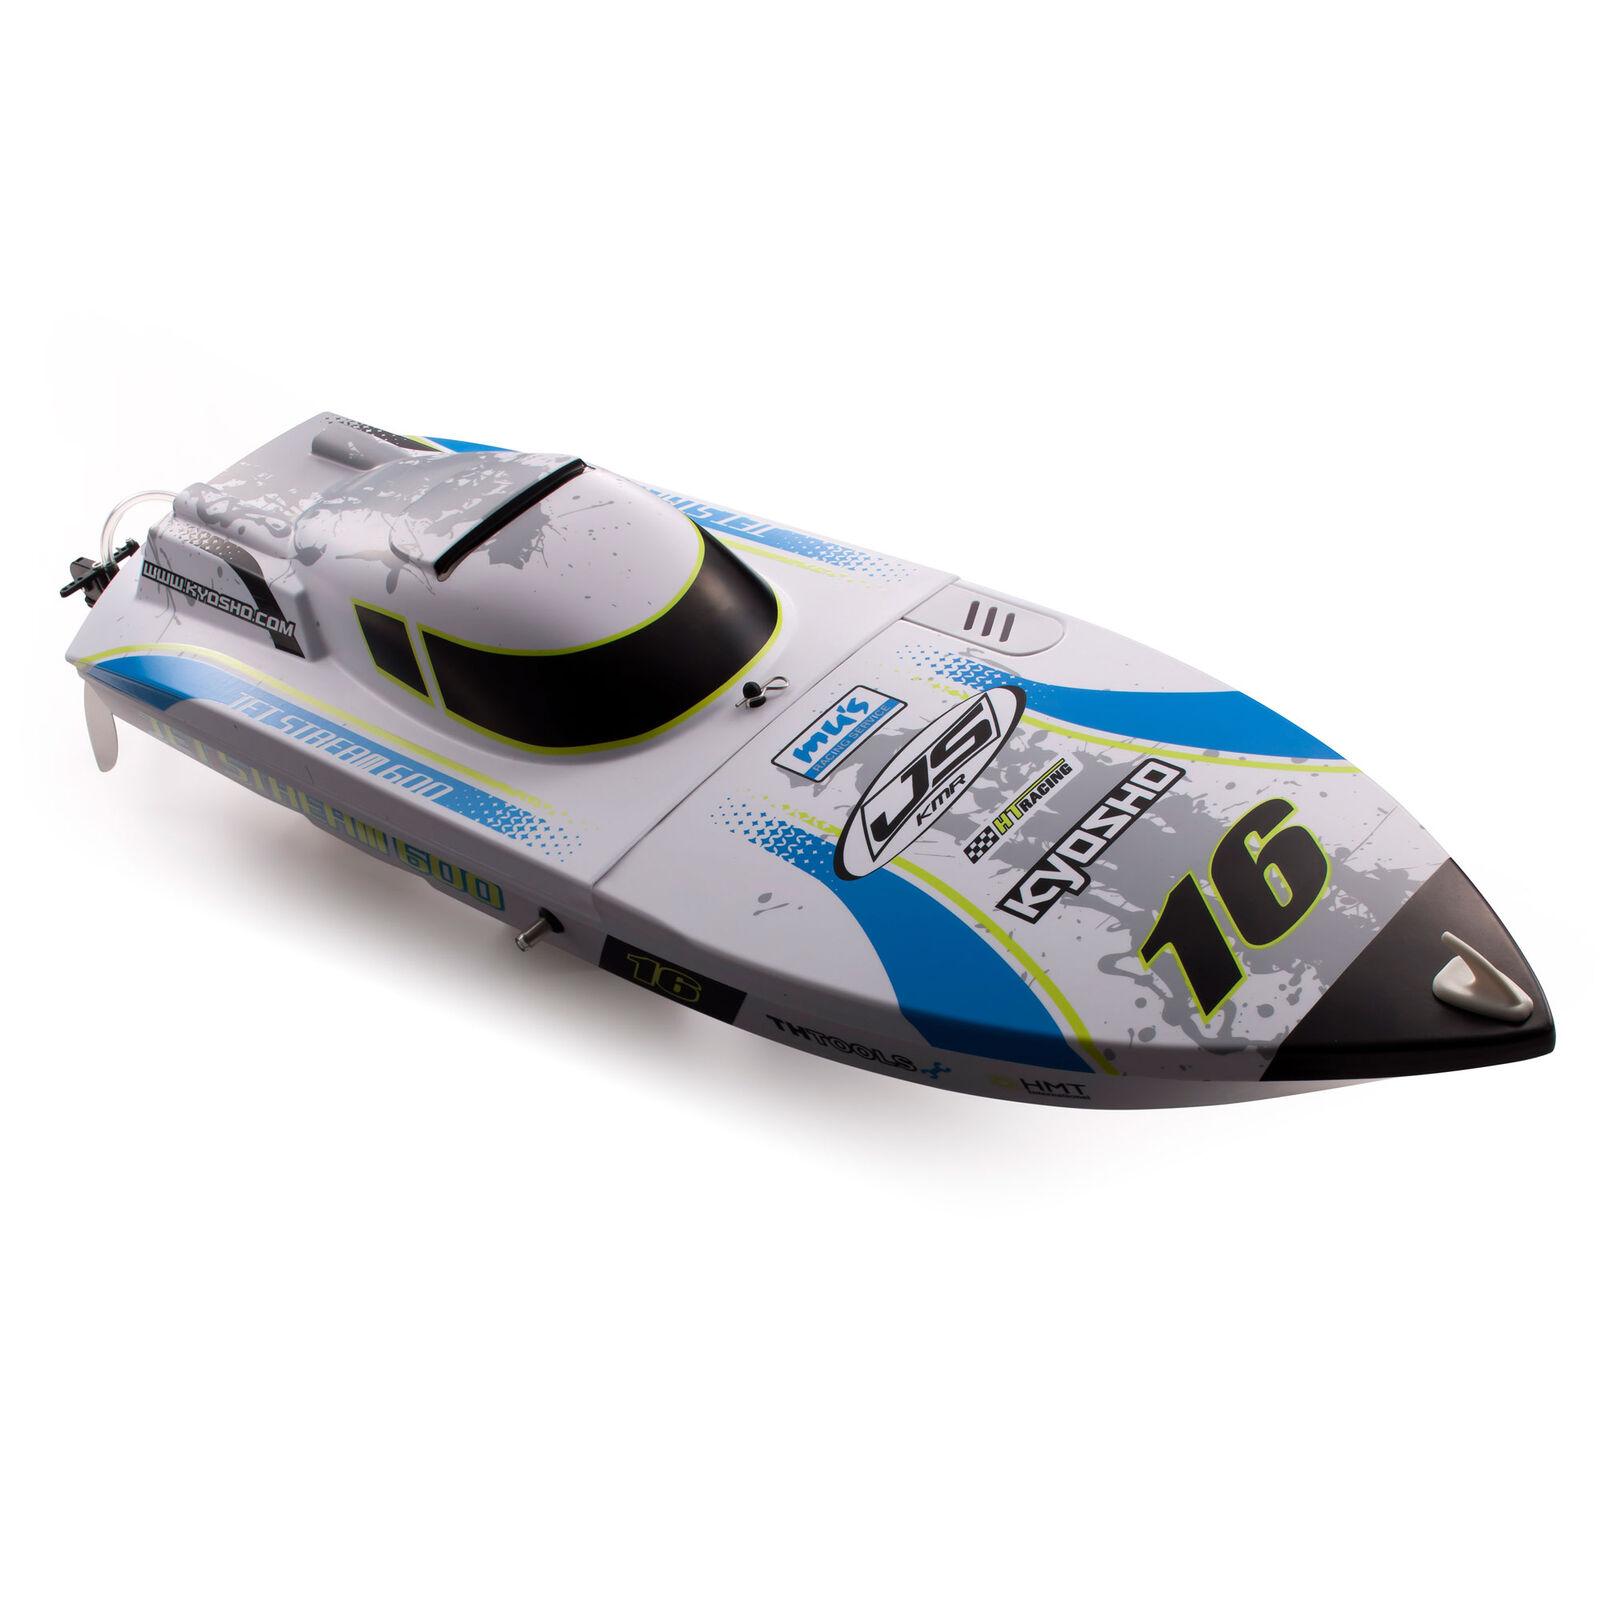 """Jetstream 600 EP Brushless Boat RTR, 24"""" (Type 2)"""